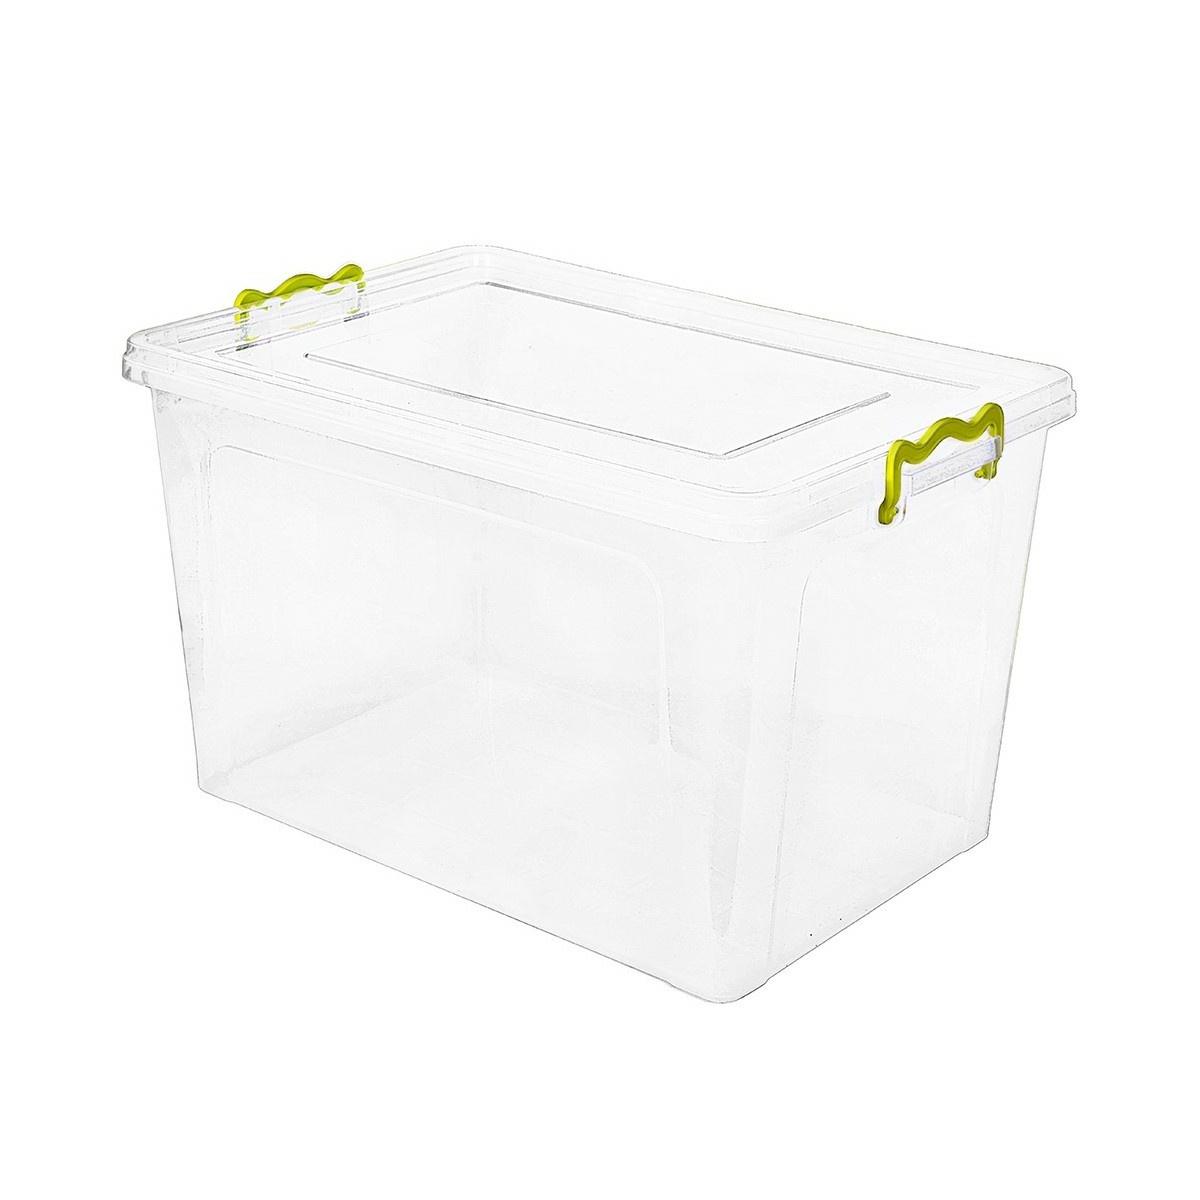 Aldo Plastový úložný box 3 l, bílá